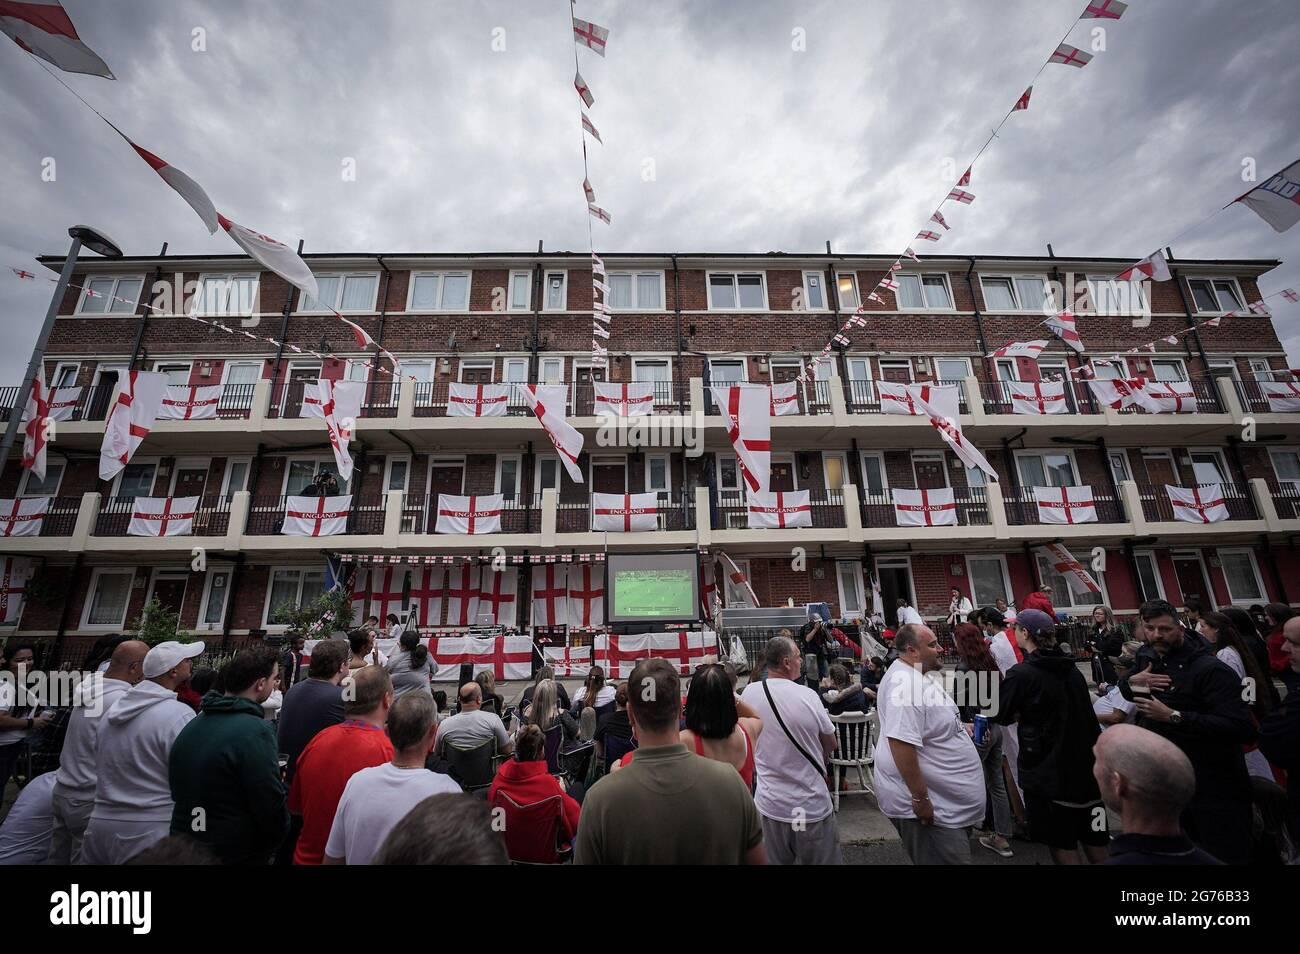 Londres, Royaume-Uni. 11 juillet 2021. UEFA EURO 2020: Angleterre contre Italie. Les résidents de la succession Kirby à Bermondsey montrent leur soutien lors du match final de ce soir. Credit: Guy Corbishley/Alamy Live News Banque D'Images